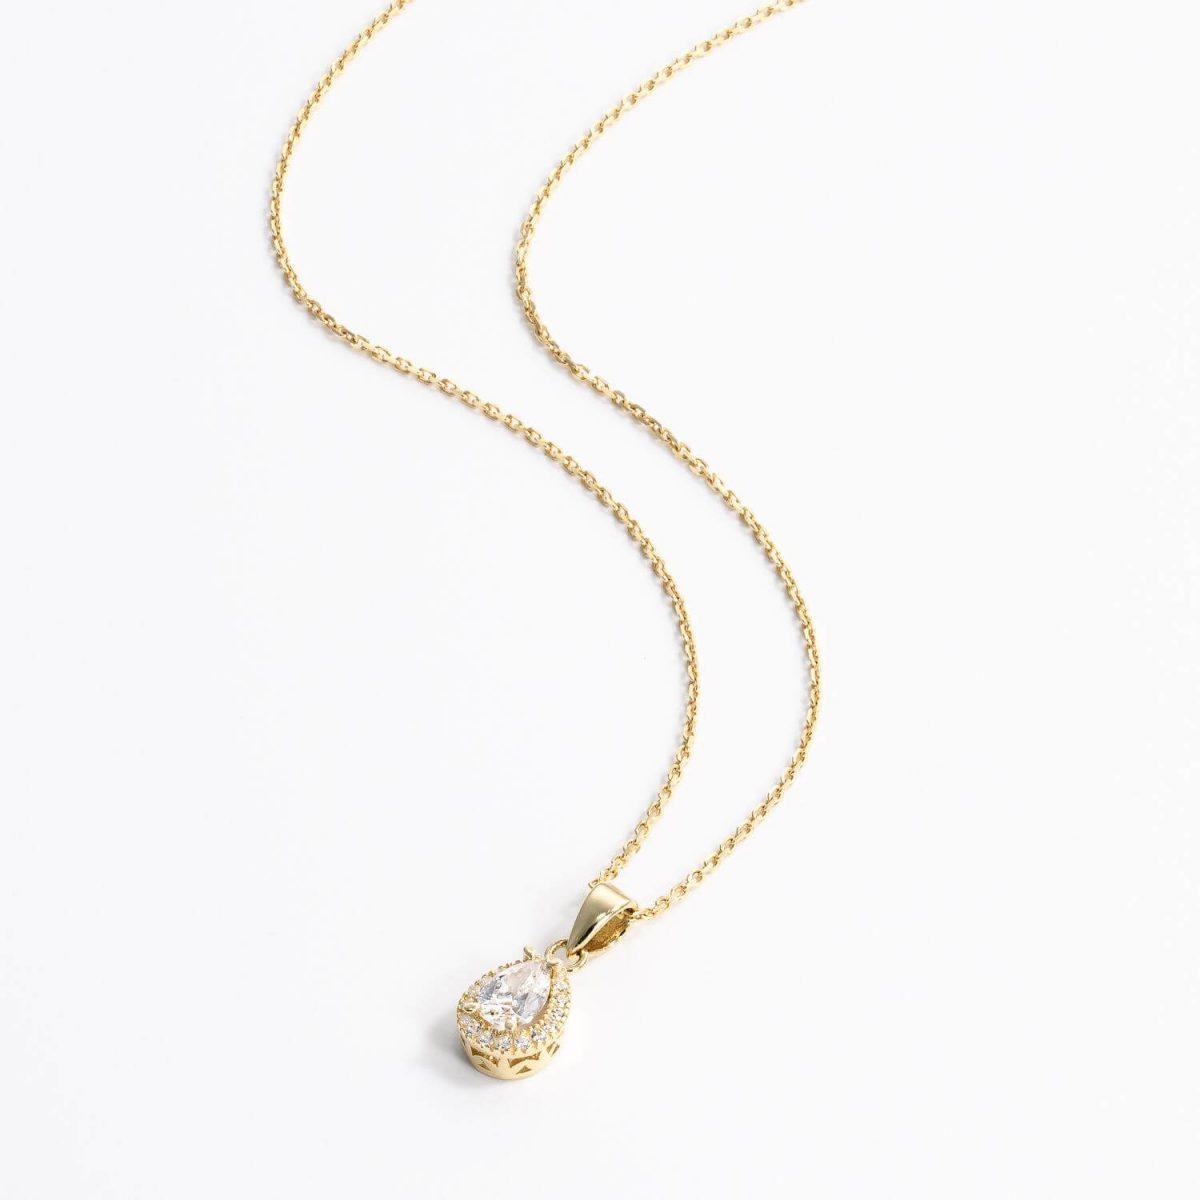 שרשרת זהב אמילי